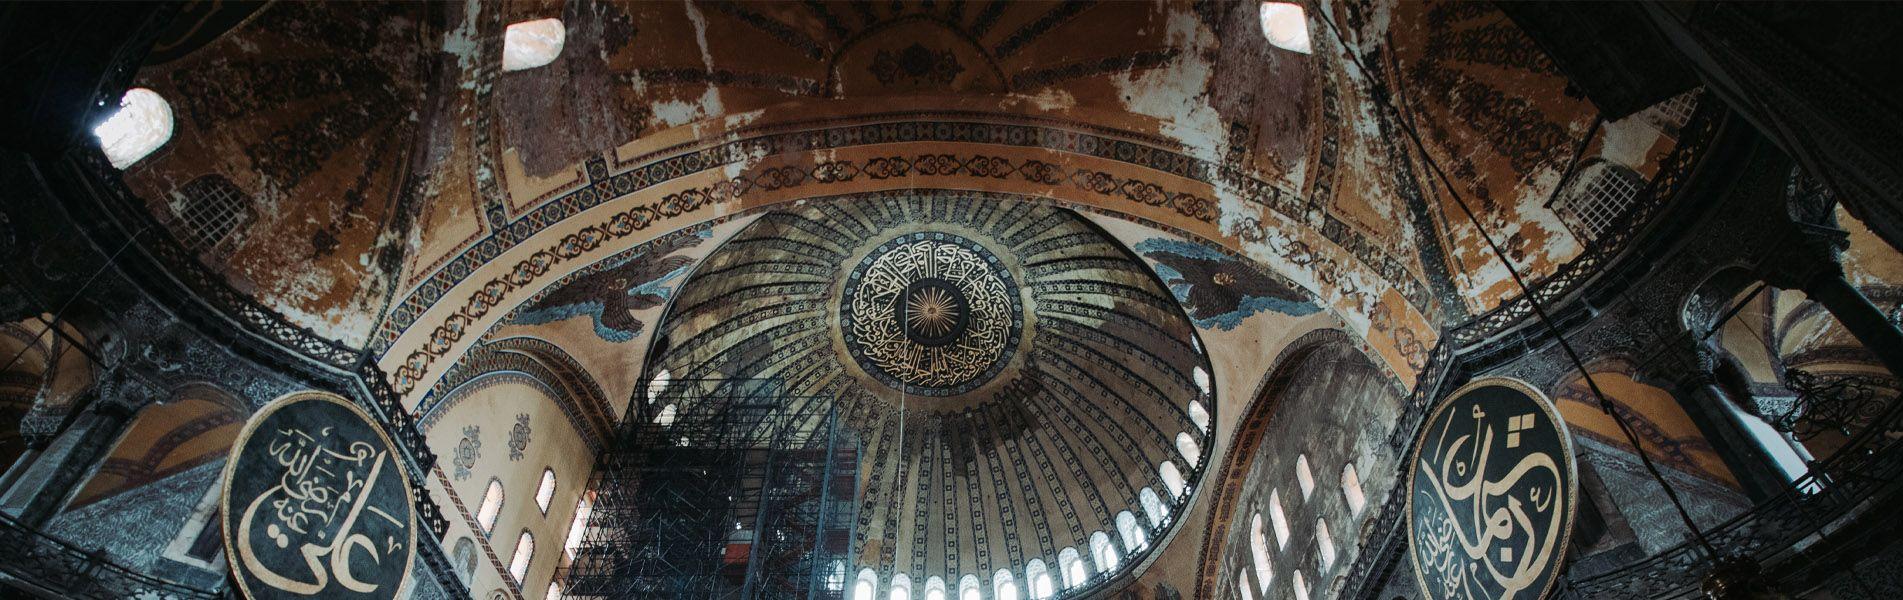 Visitar Turquía en 2 días